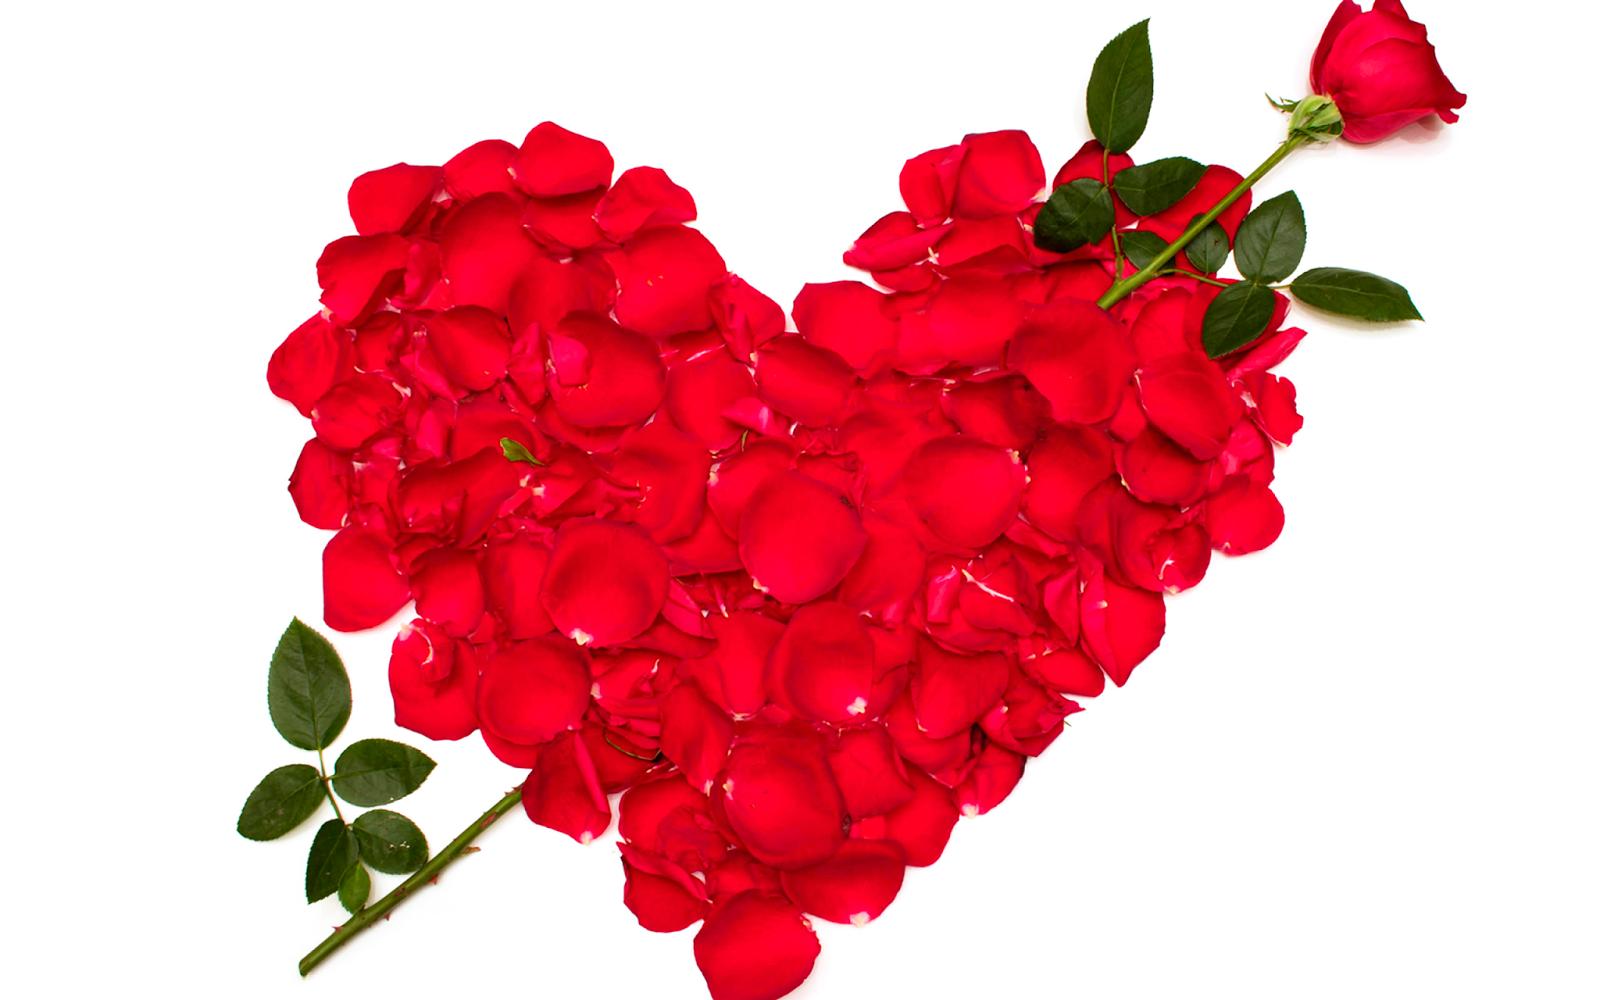 Fondos De Pantalla Animados De San Valentín: Fondos De Pantalla Y Mucho Más